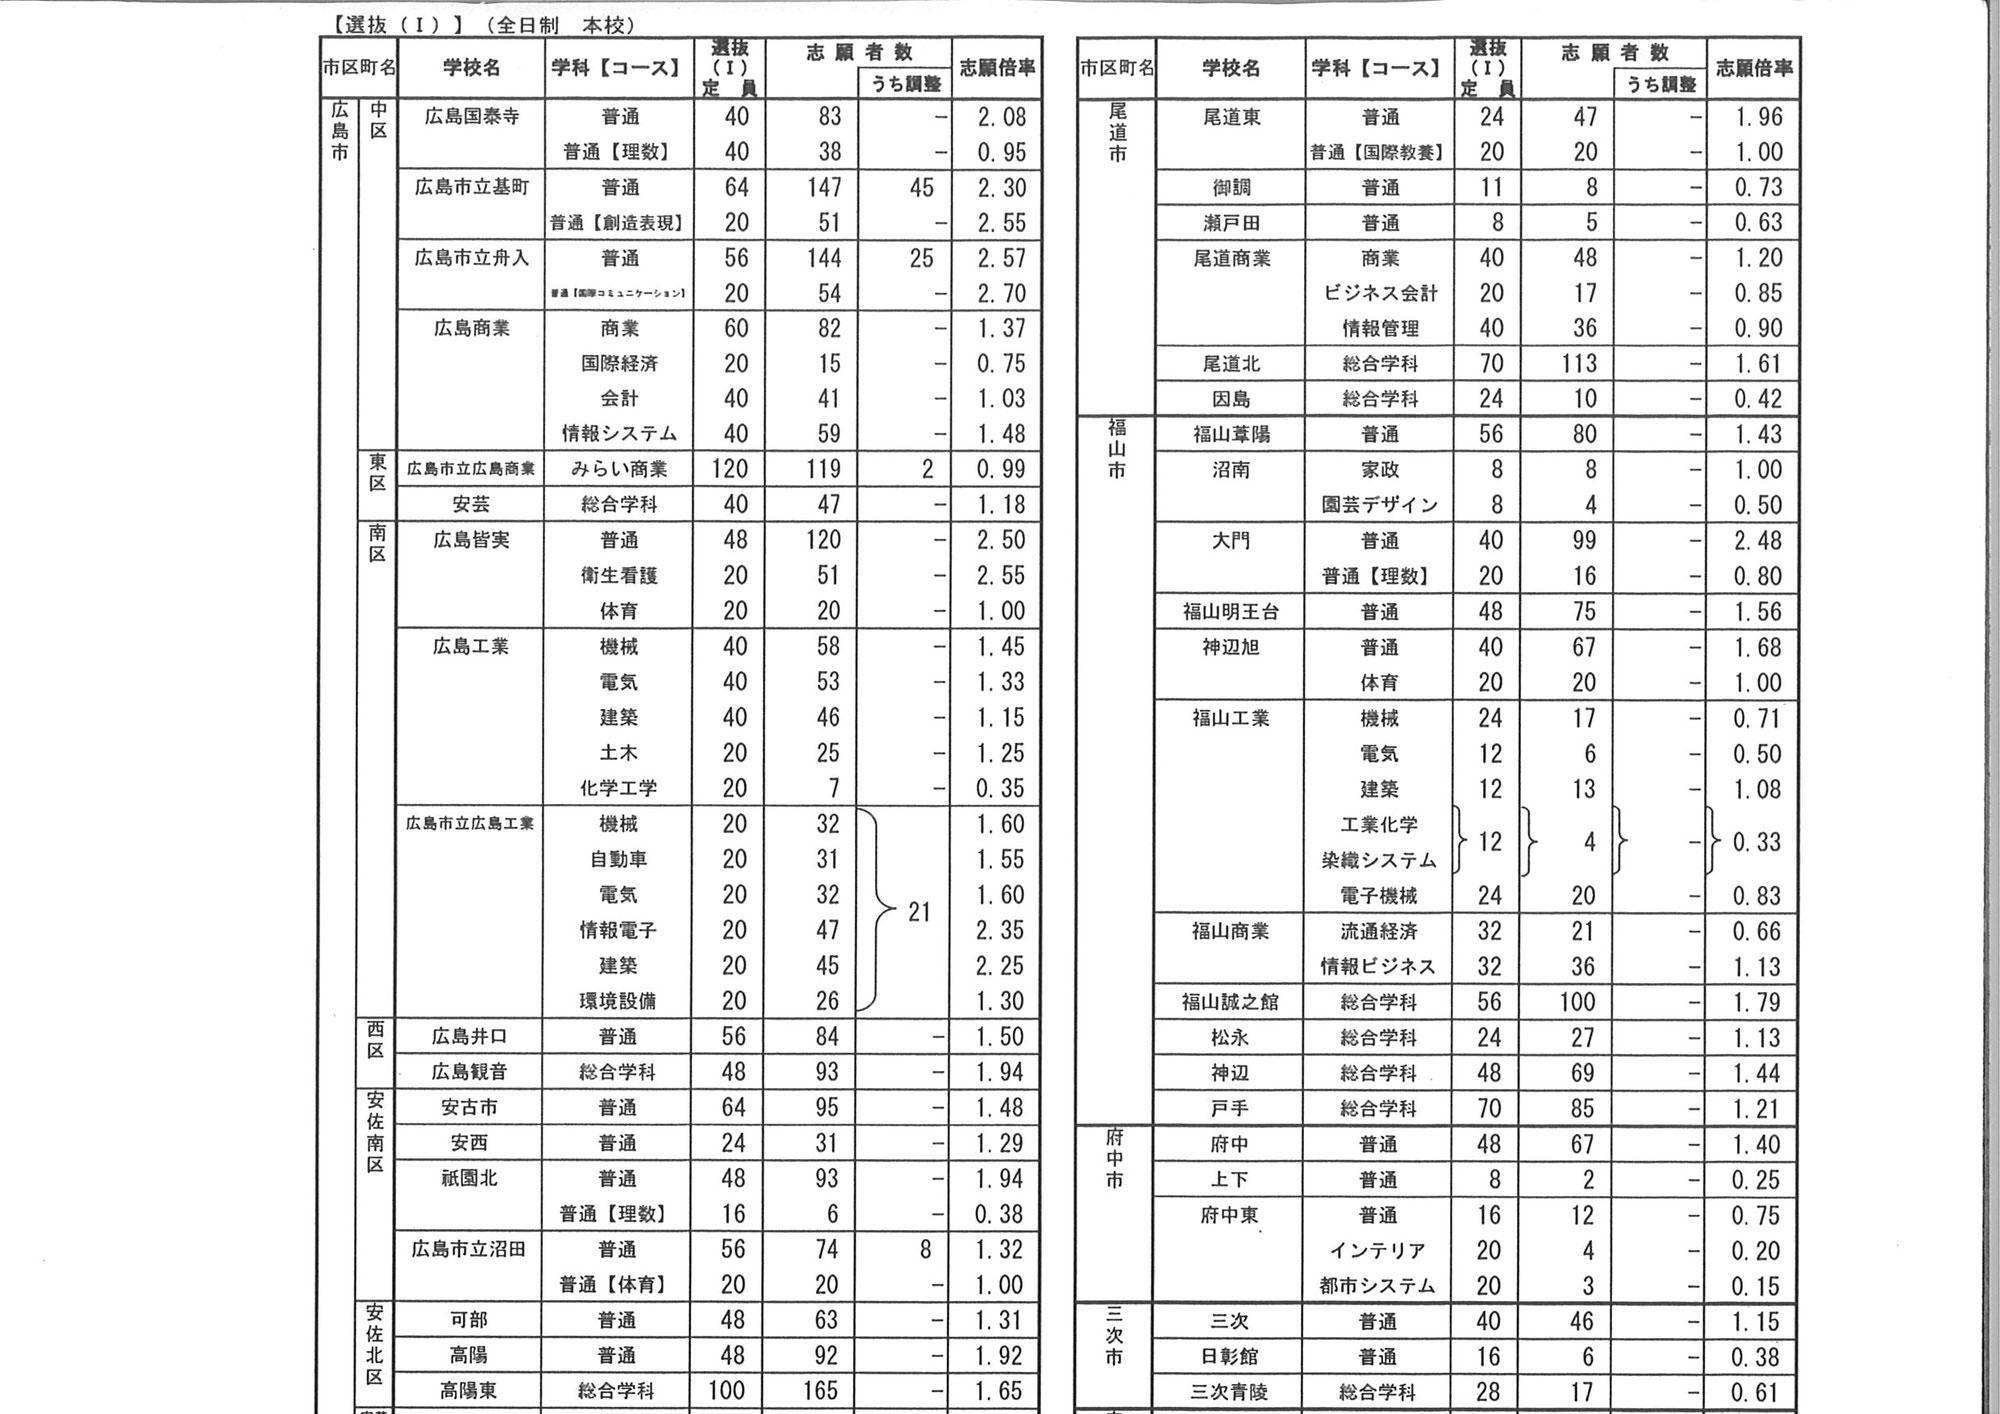 広島県公立高校入試 選Ⅰ倍率発表